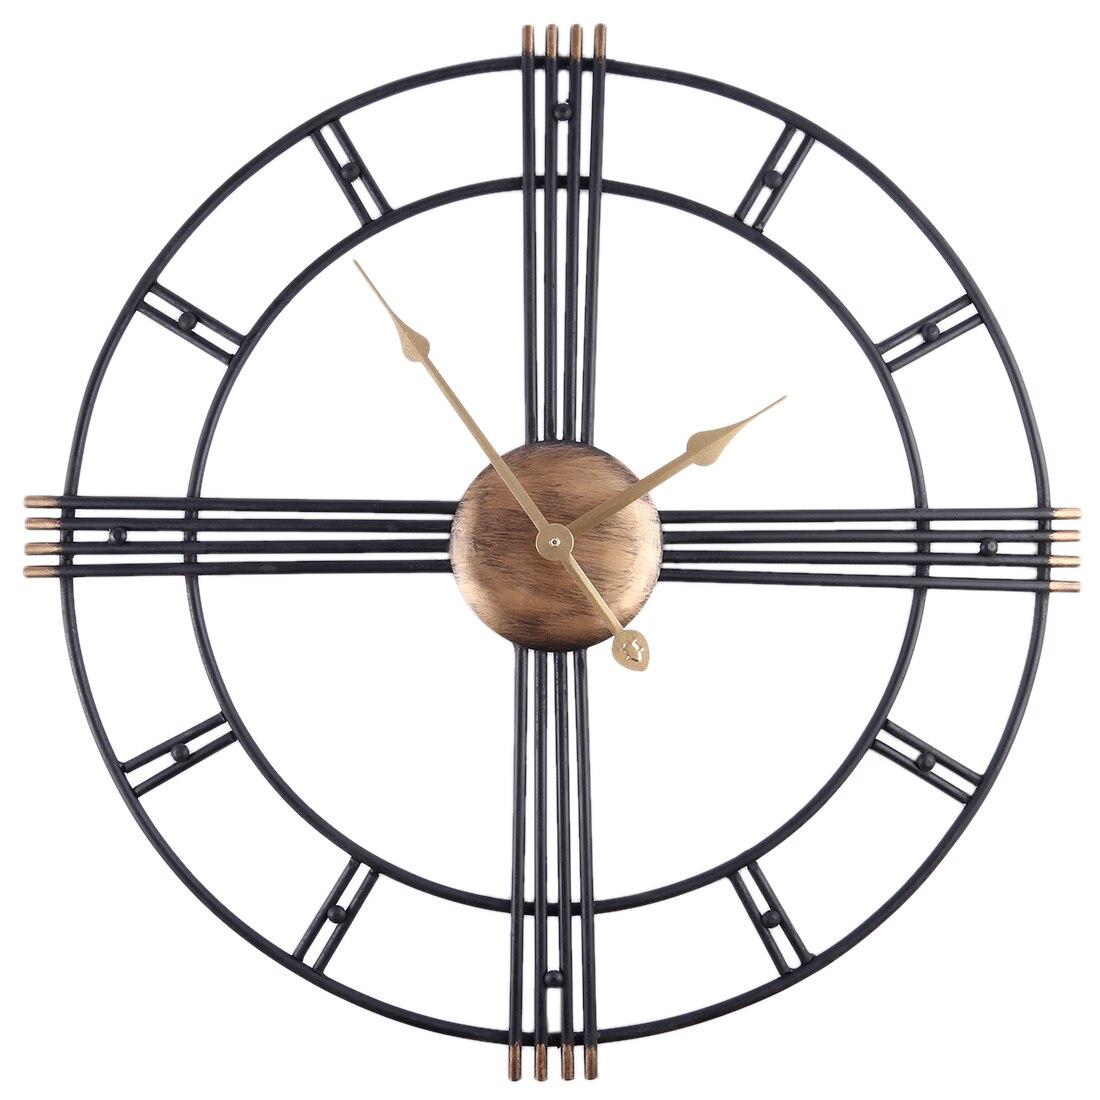 50 centímetros Retro Ferro Arte Antiguidades Mudo Relógios de Parede Home Office Decor Relógio de Parede Em Silêncio Relógio de Quartzo Relógio De Parede Moderna projeto